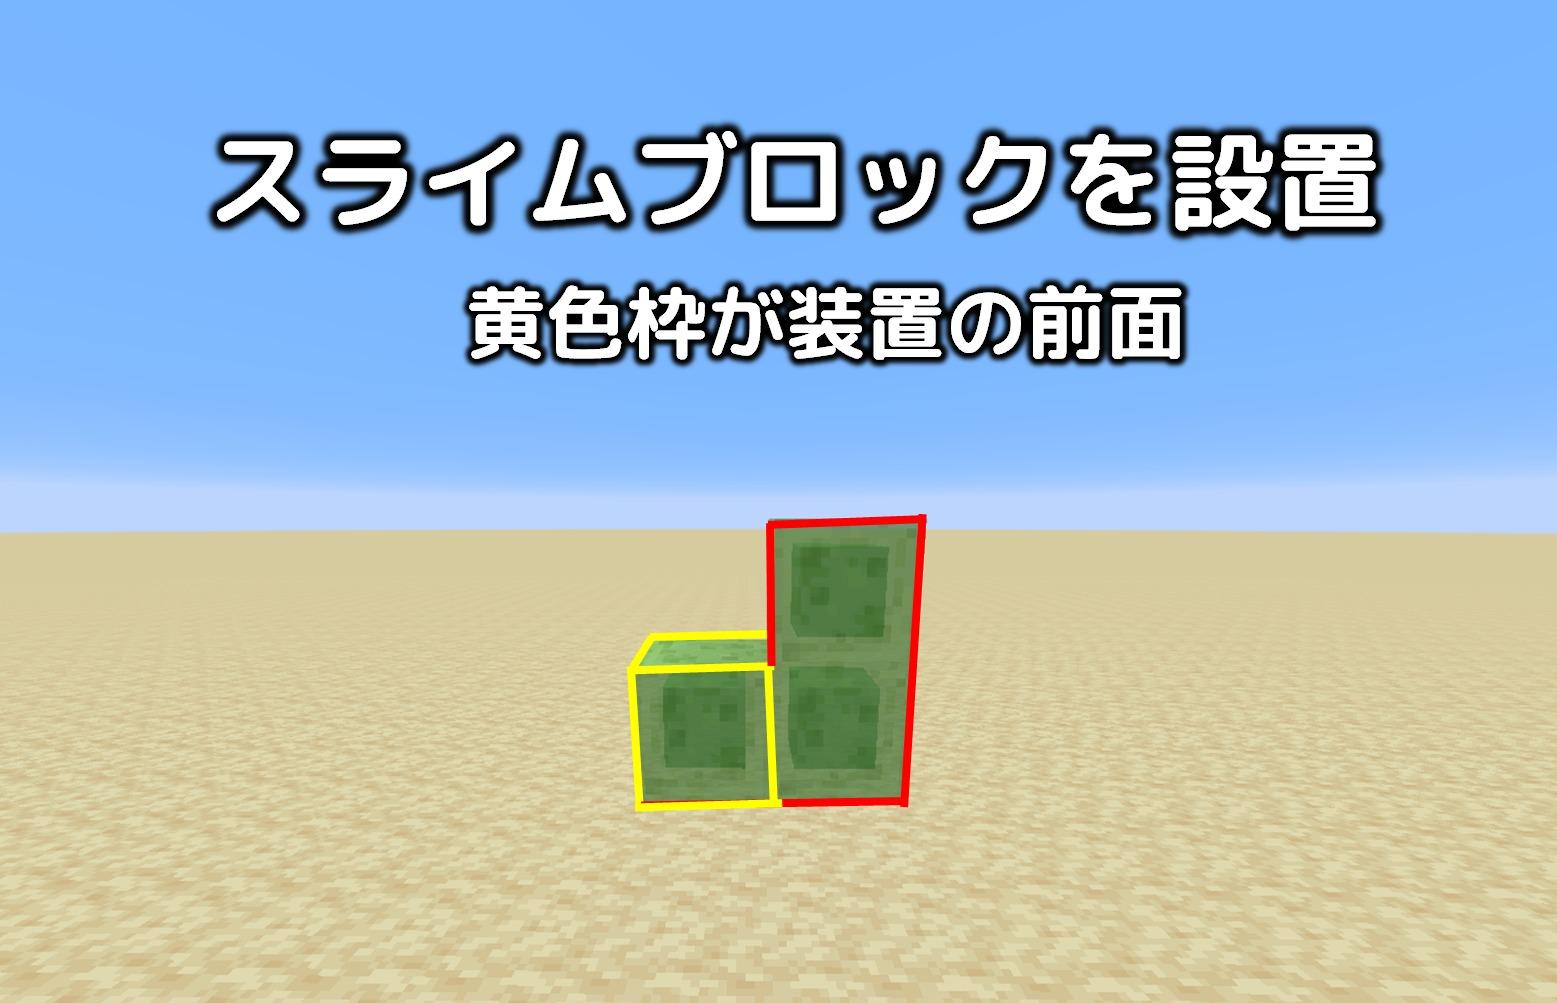 光源 ブロック マイクラ